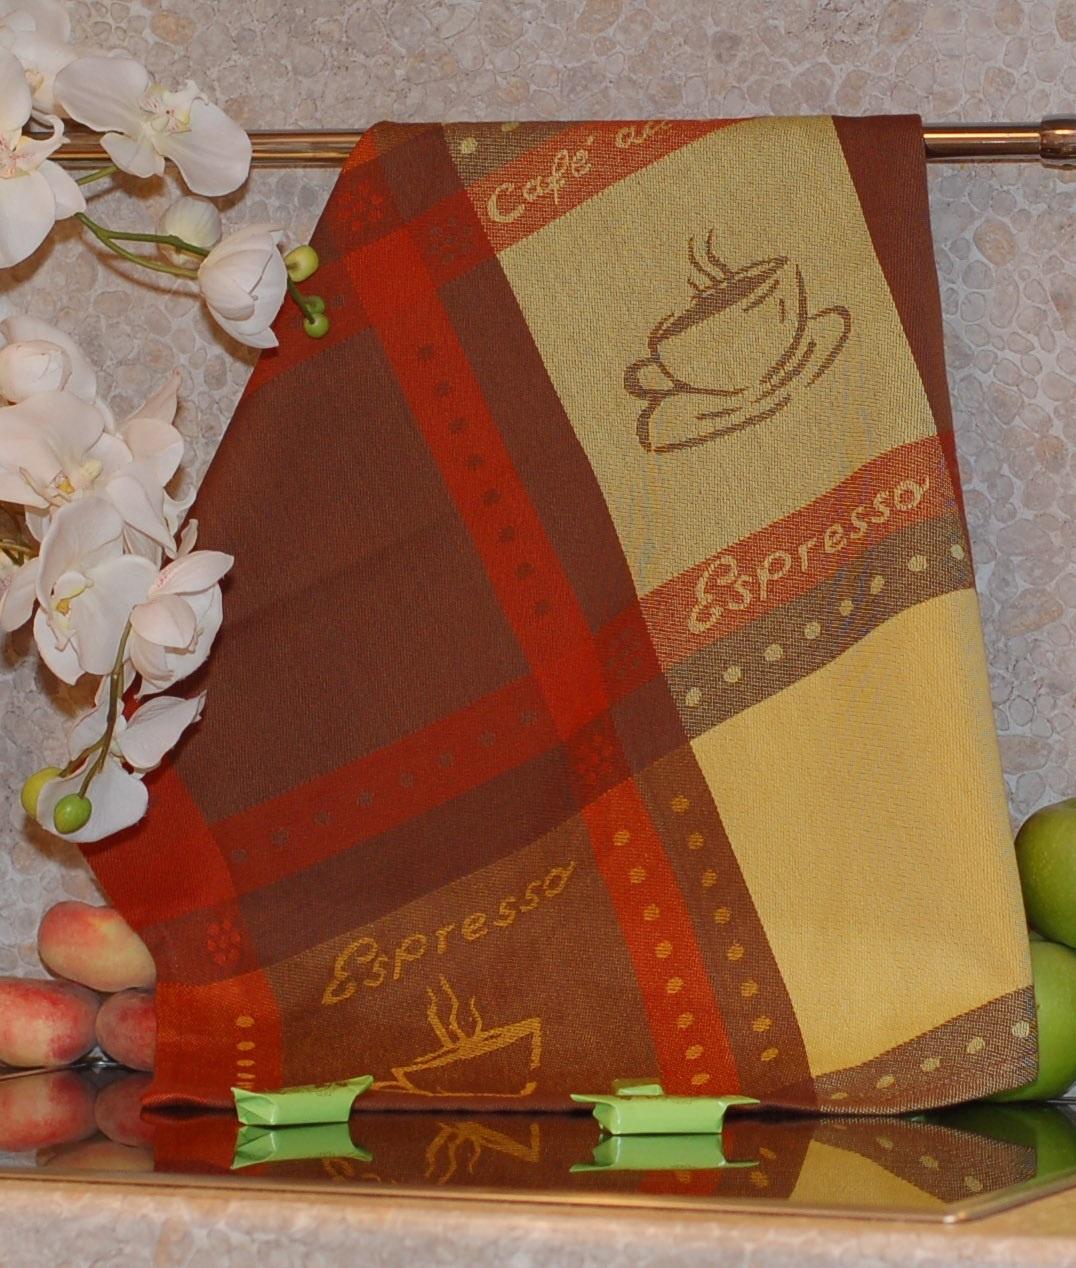 Полотенце жаккардовое ТекСтиль 507061-2 ESPRESSO полотенце кухонное текстиль для дома 507061 1 cafе коричневый бежевый красный